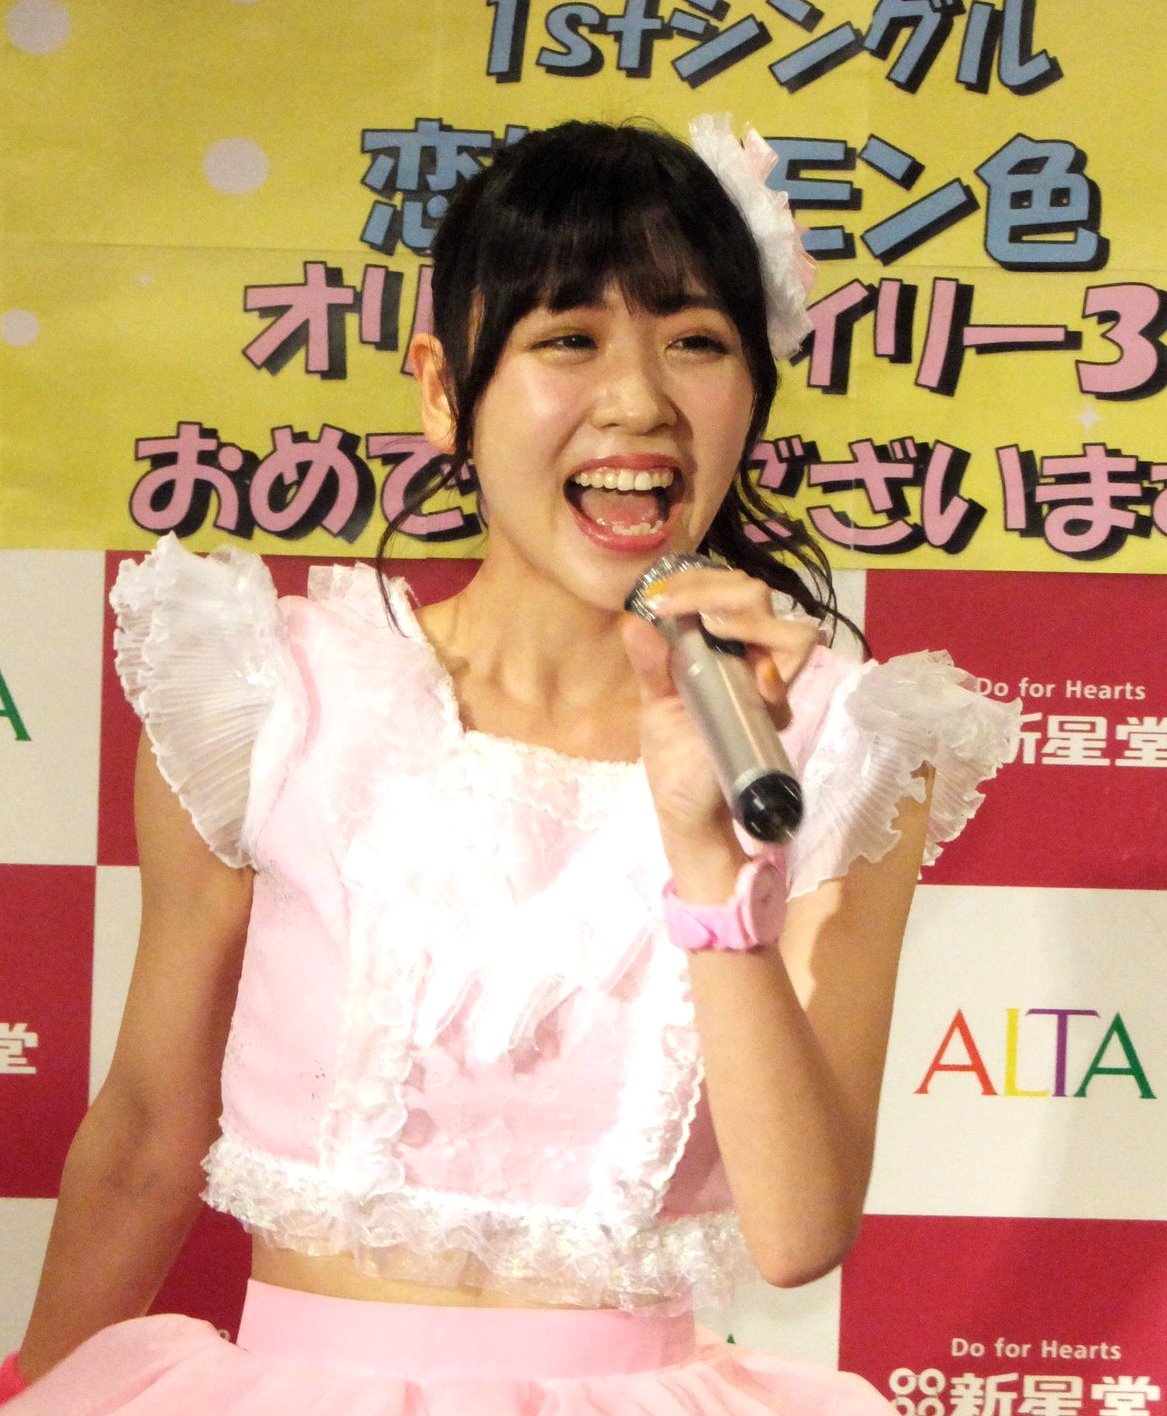 櫻井優衣の白濁汚舌 (4)